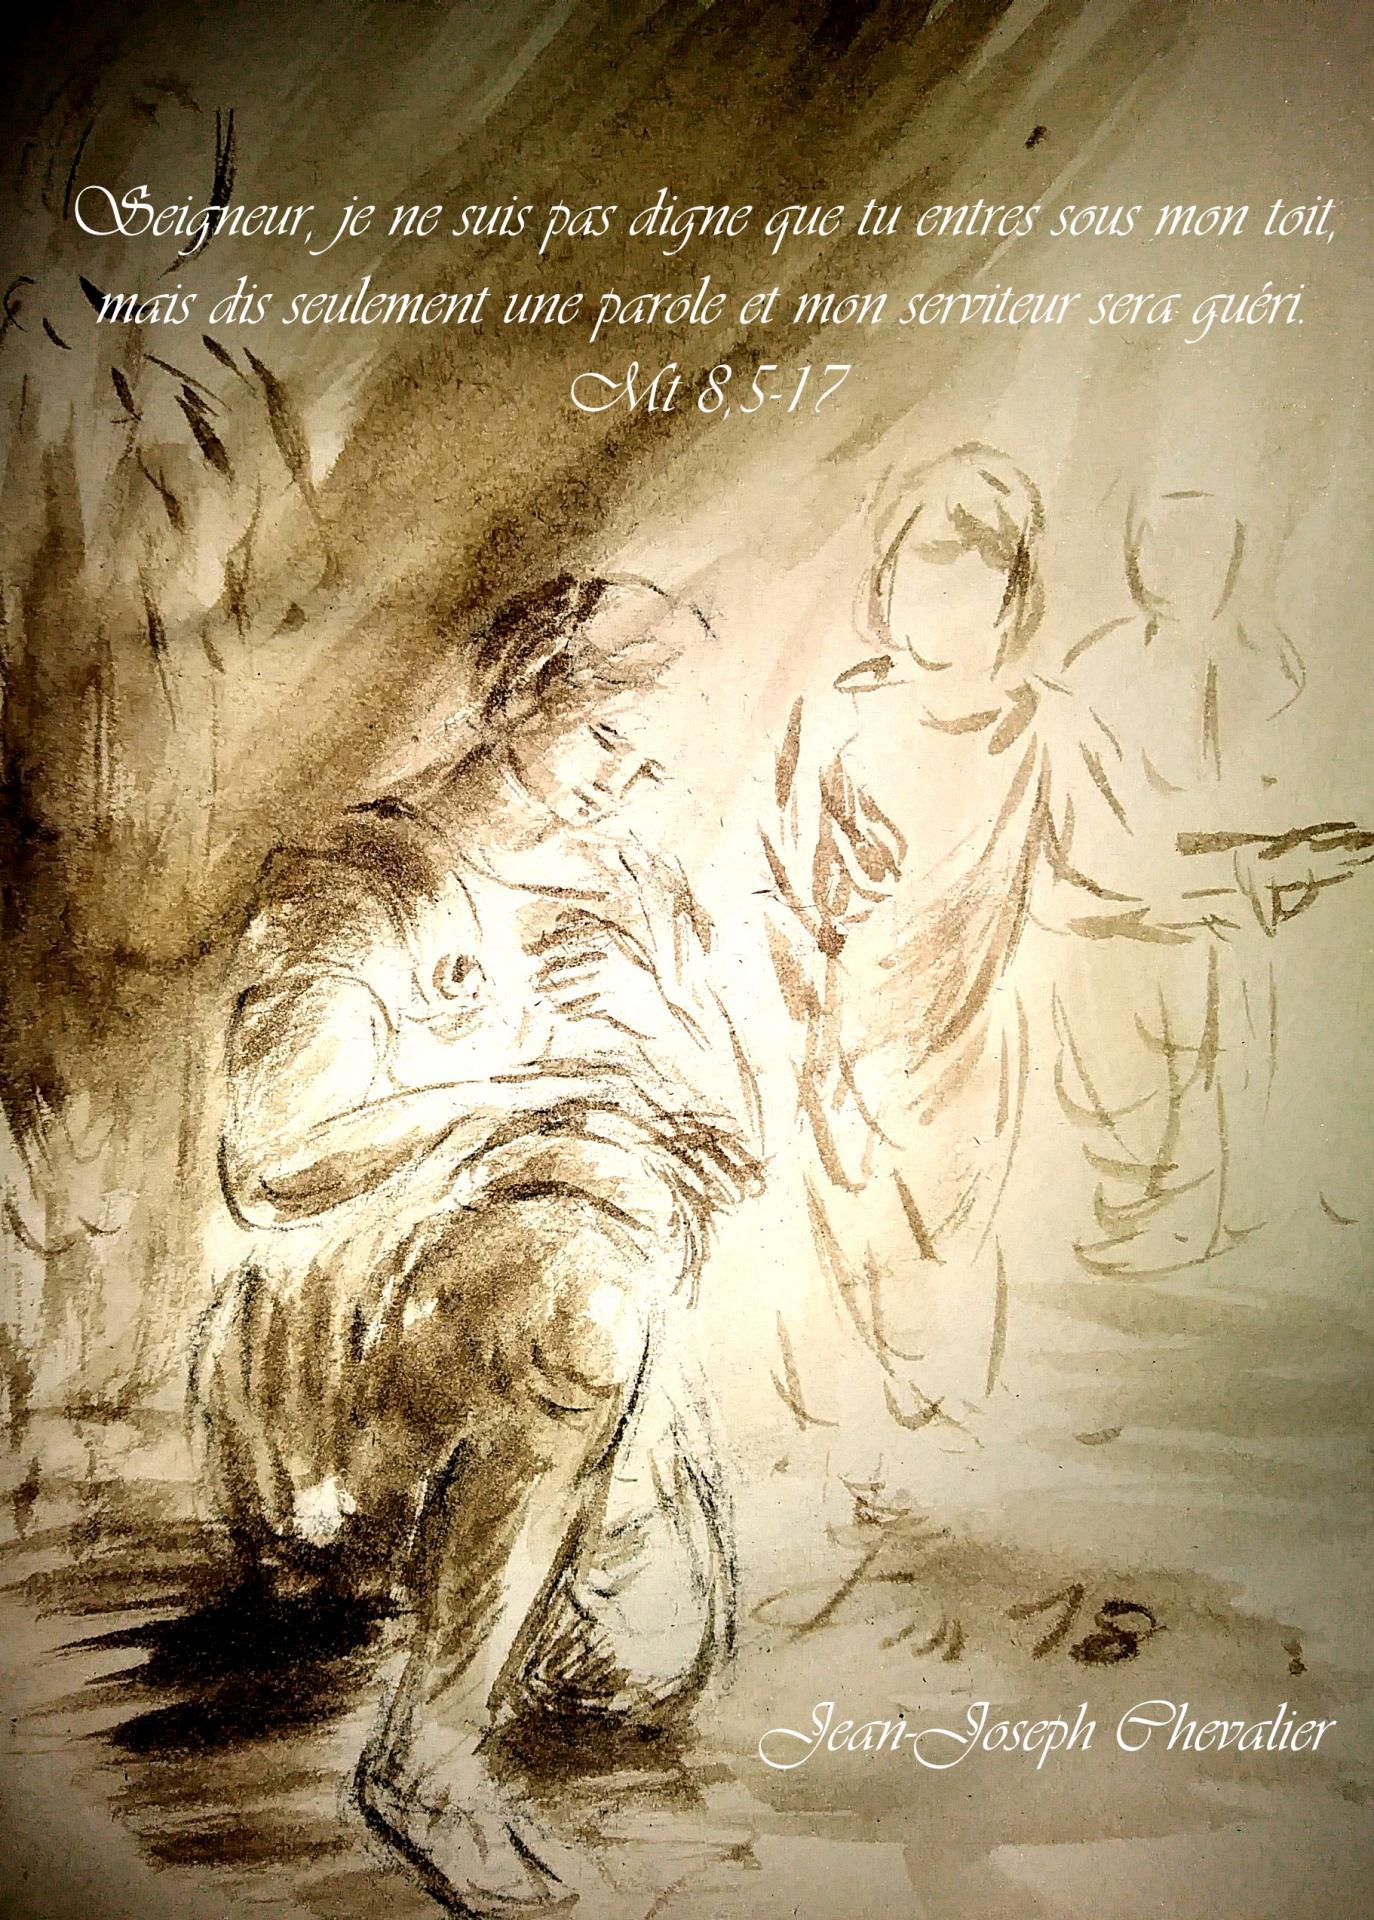 30 Juin 2018, évangile du jour illustré par un dessin au lavis